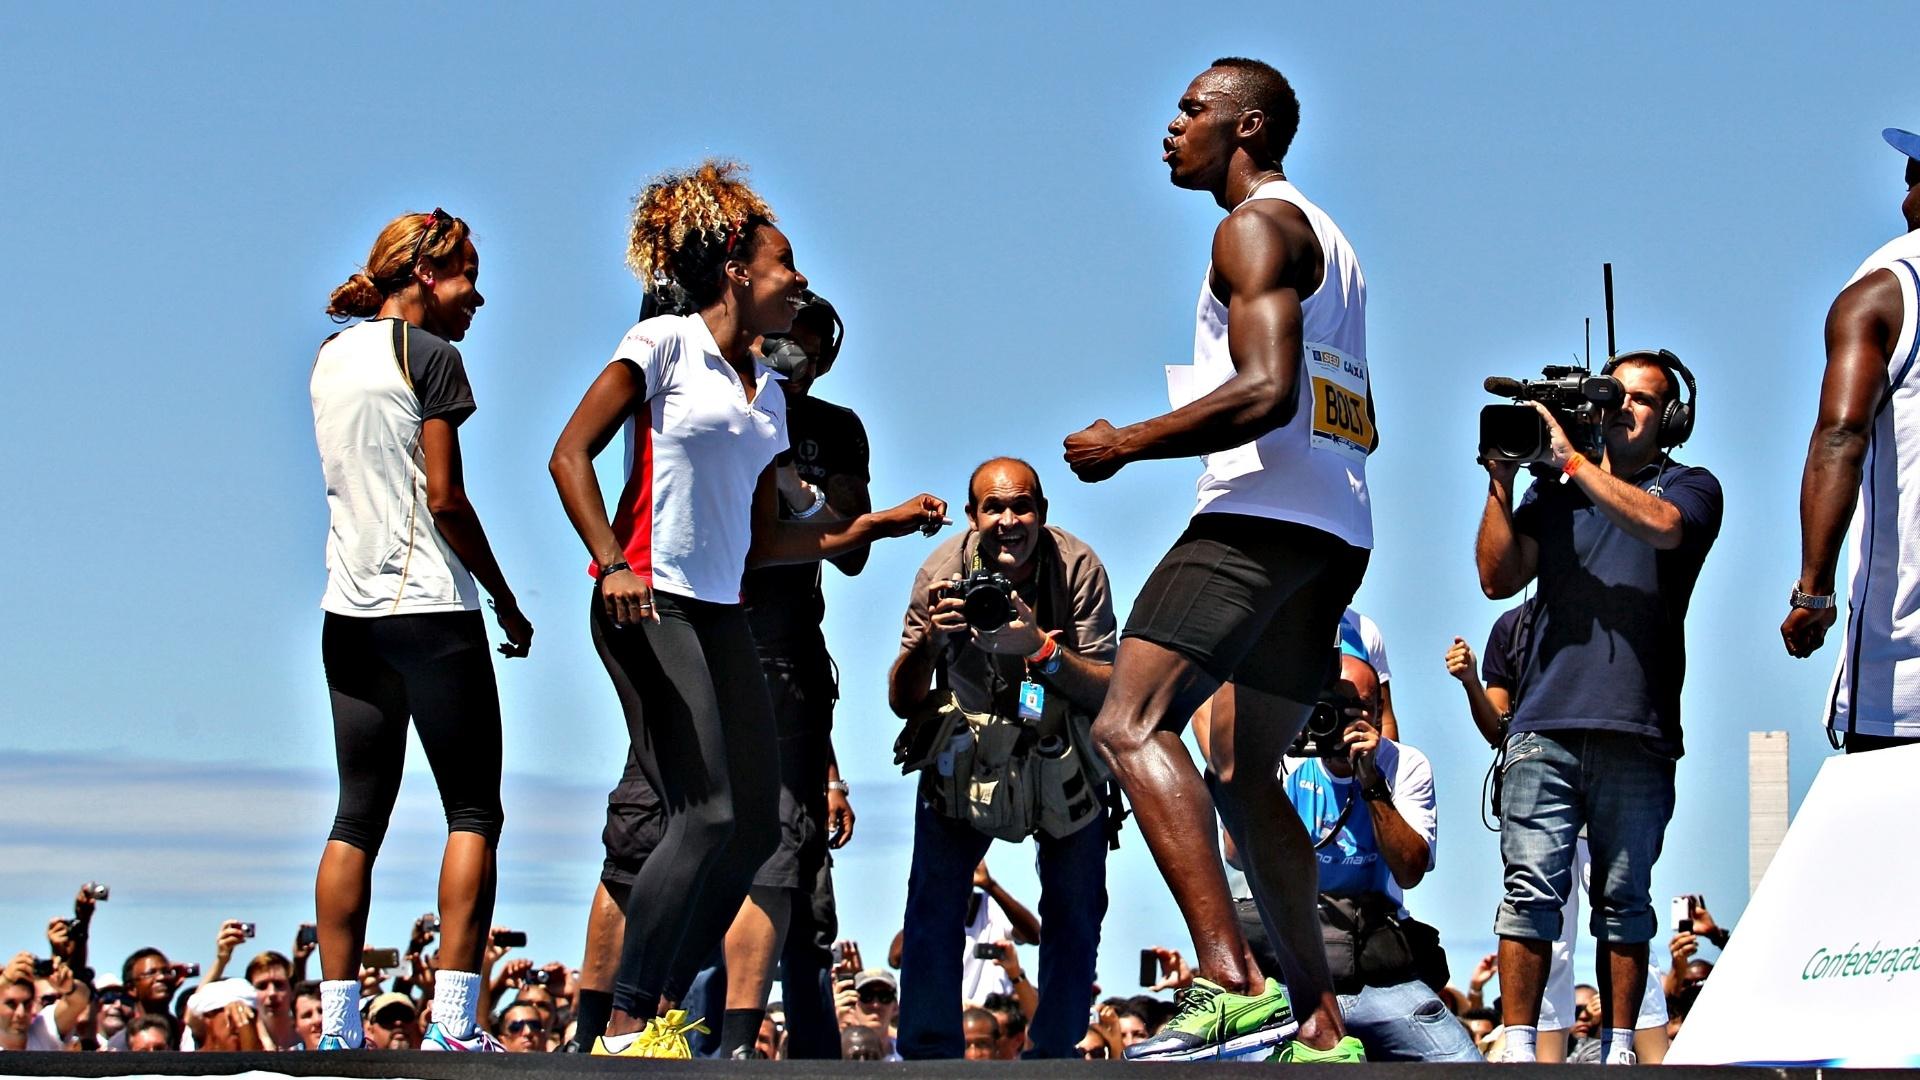 31.mar.2013 - Usain Bolt comemora após vencer desafio de 150m disputado na praia de Copacabana, no Rio de Janeiro